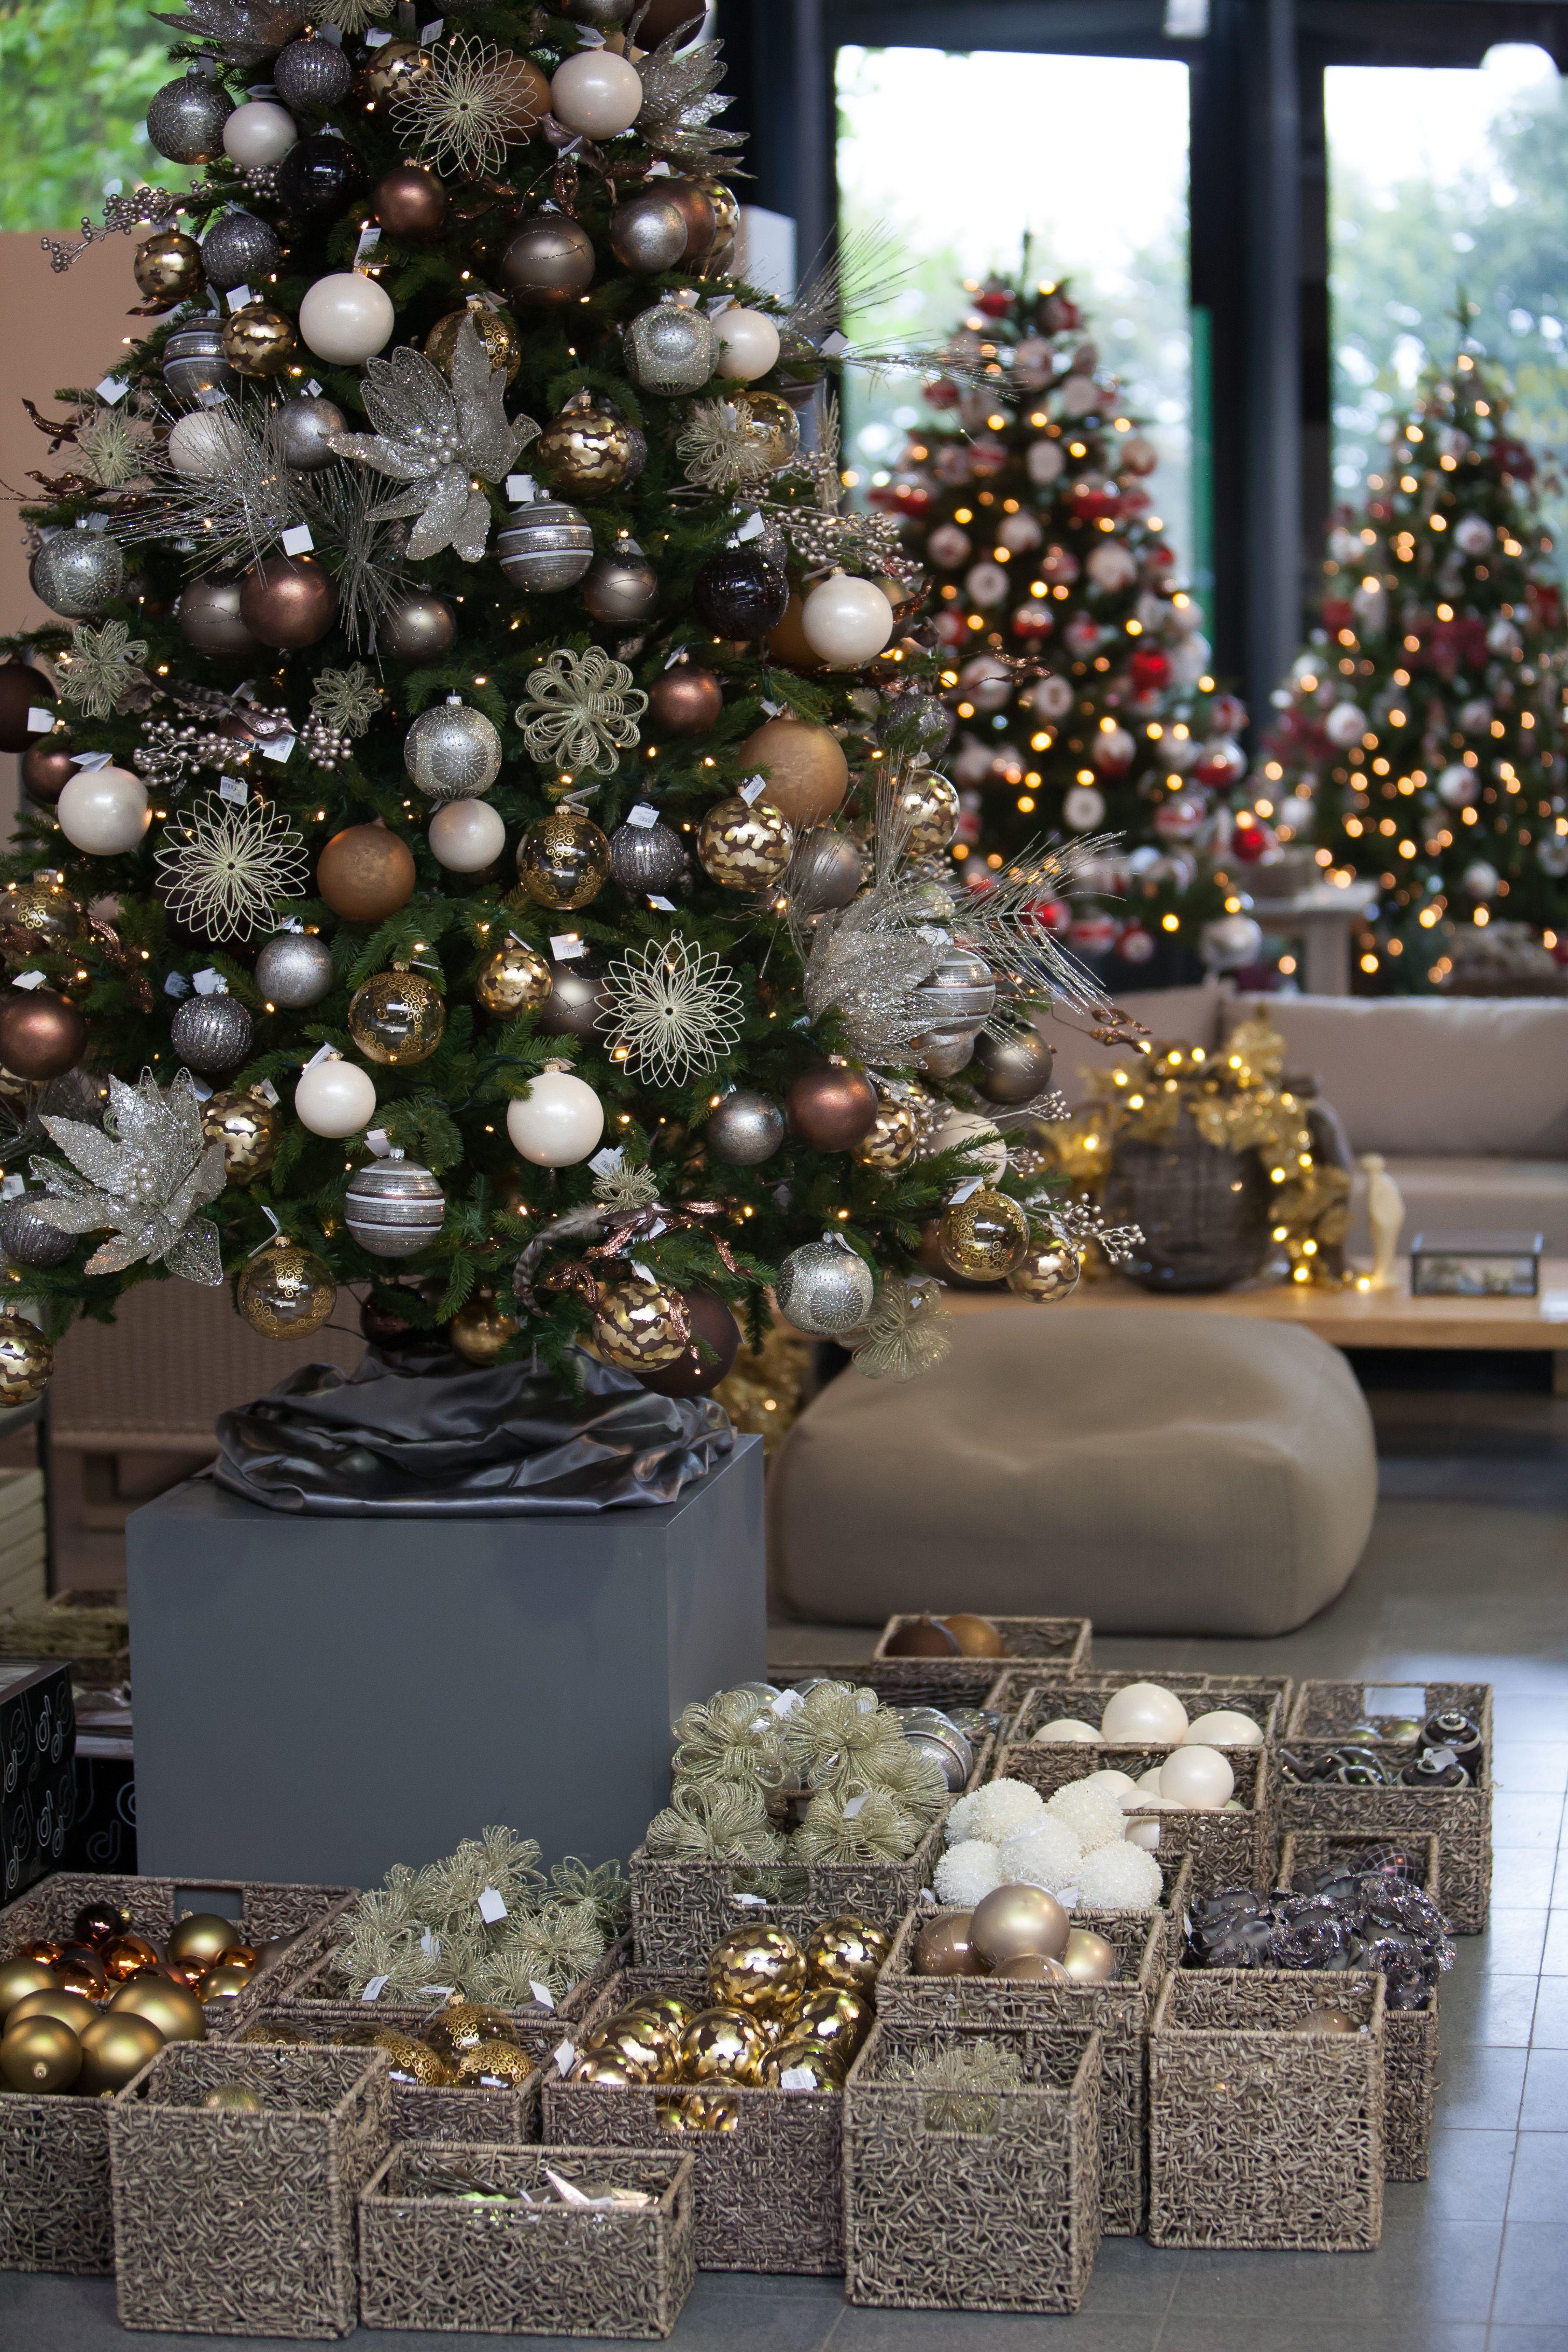 Alles Voor Een Unieke In En Outdoorbeleving Kerstboom Versieringen Thema Kerstbomen Diy Kerstversiering